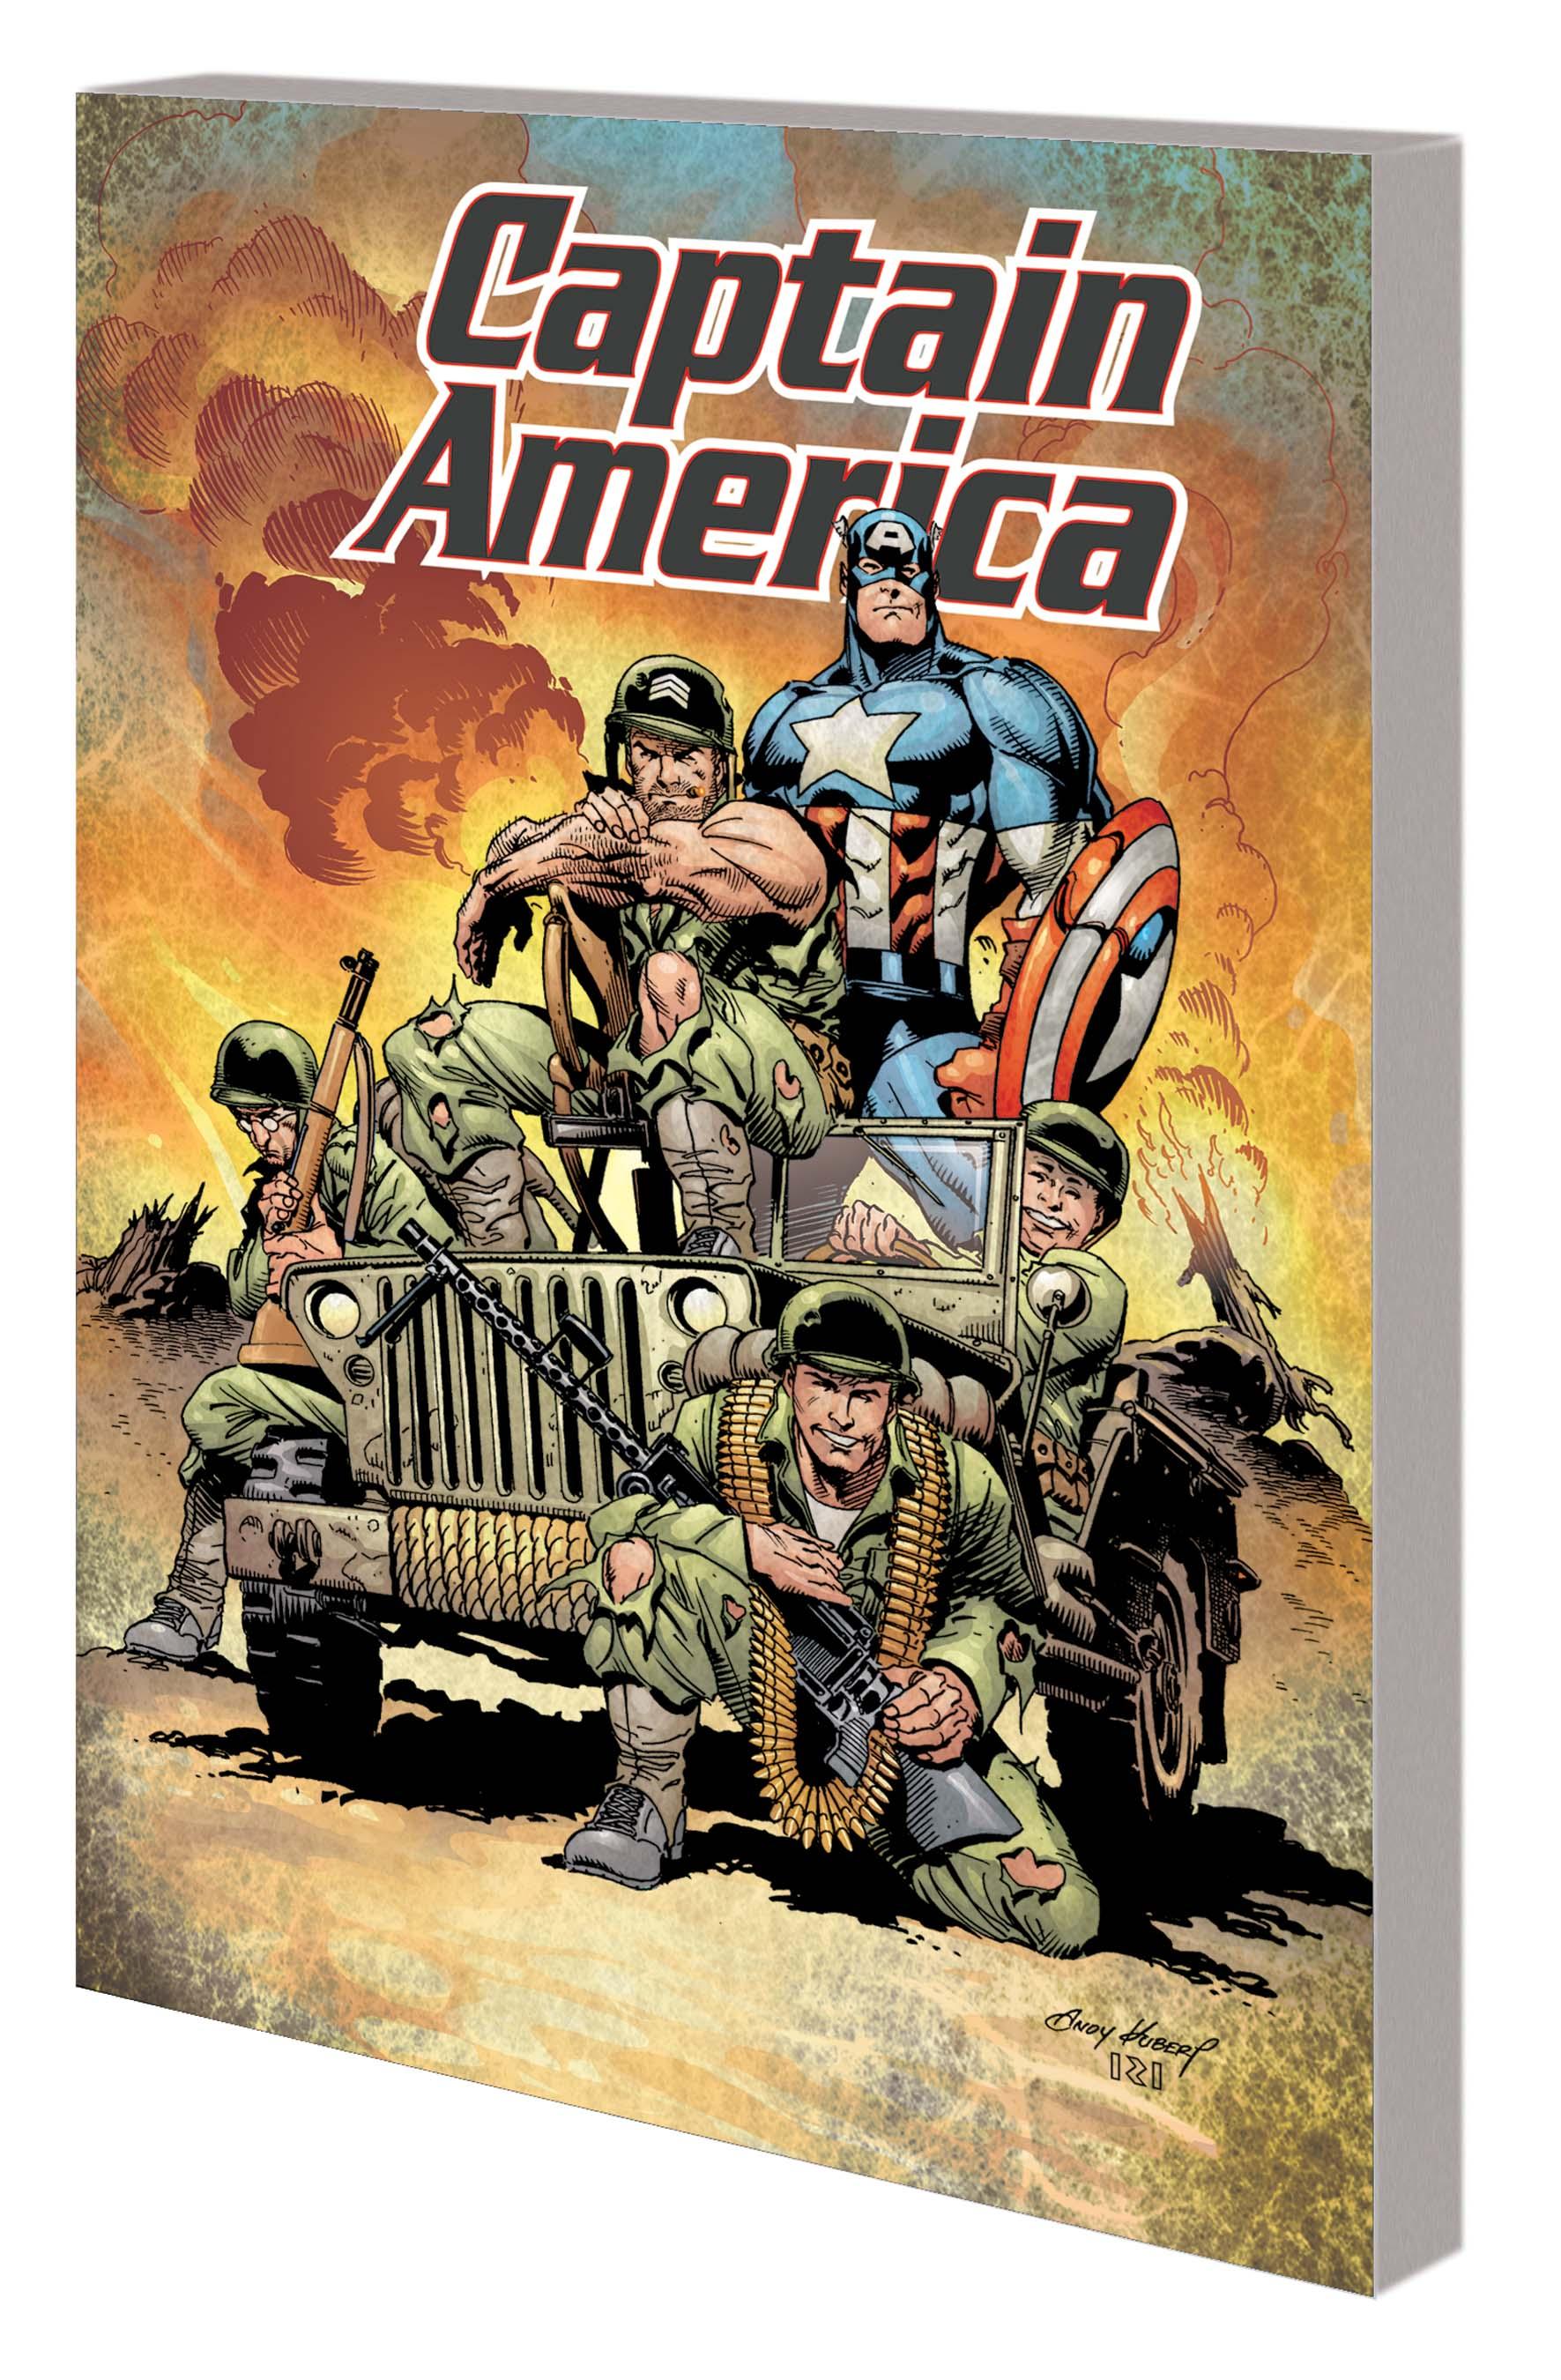 Captain America by Dan Jurgens Vol. 1 (Trade Paperback)